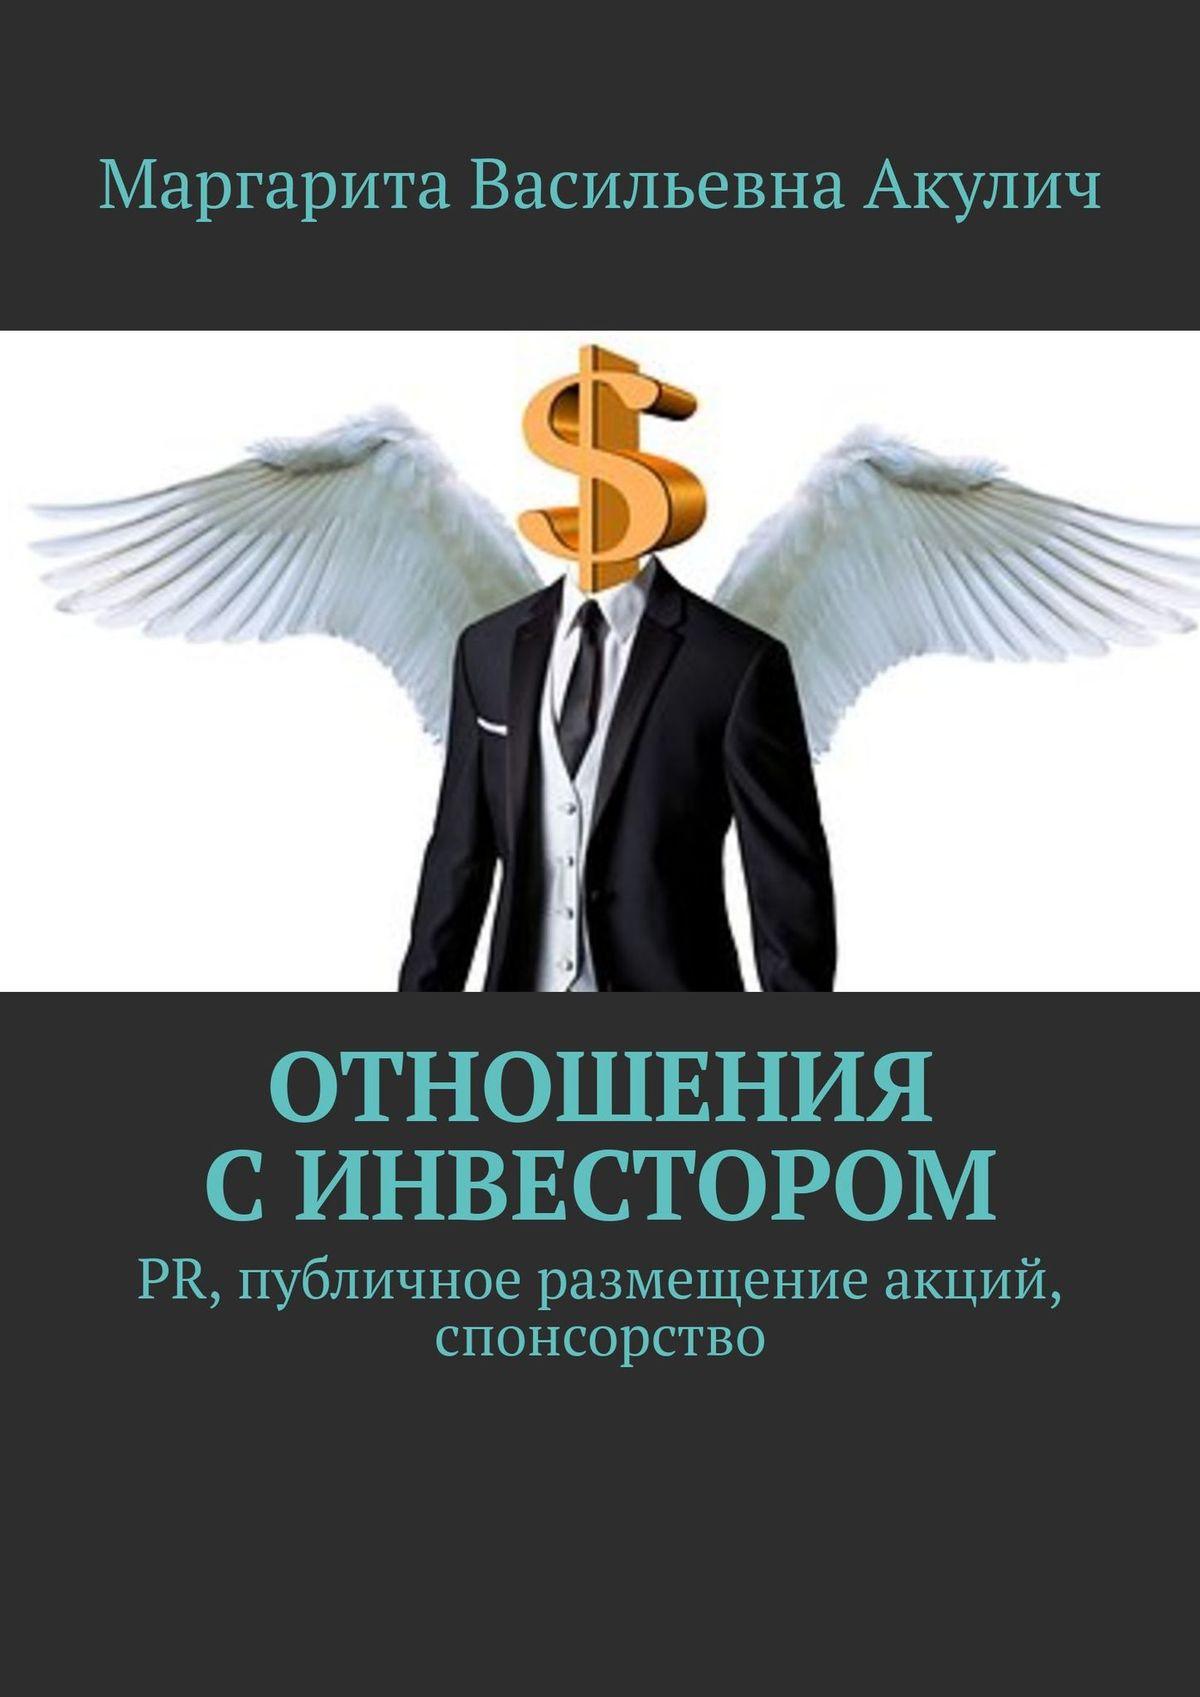 Маргарита Акулич Инвестиционный маркетинг. Отношения синвестором: PR, публичное размещение акций, спонсорство